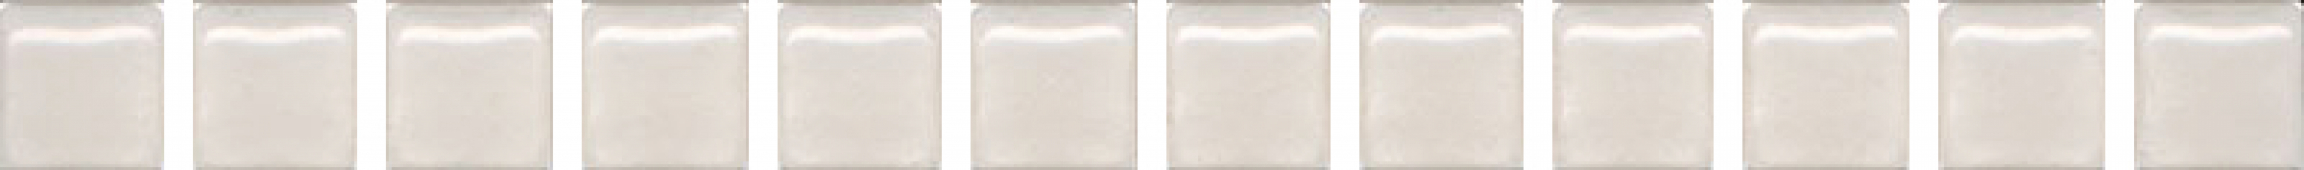 POF011 Карандаш Бисер бежевый светлый 20*1.4 керамический бордюр